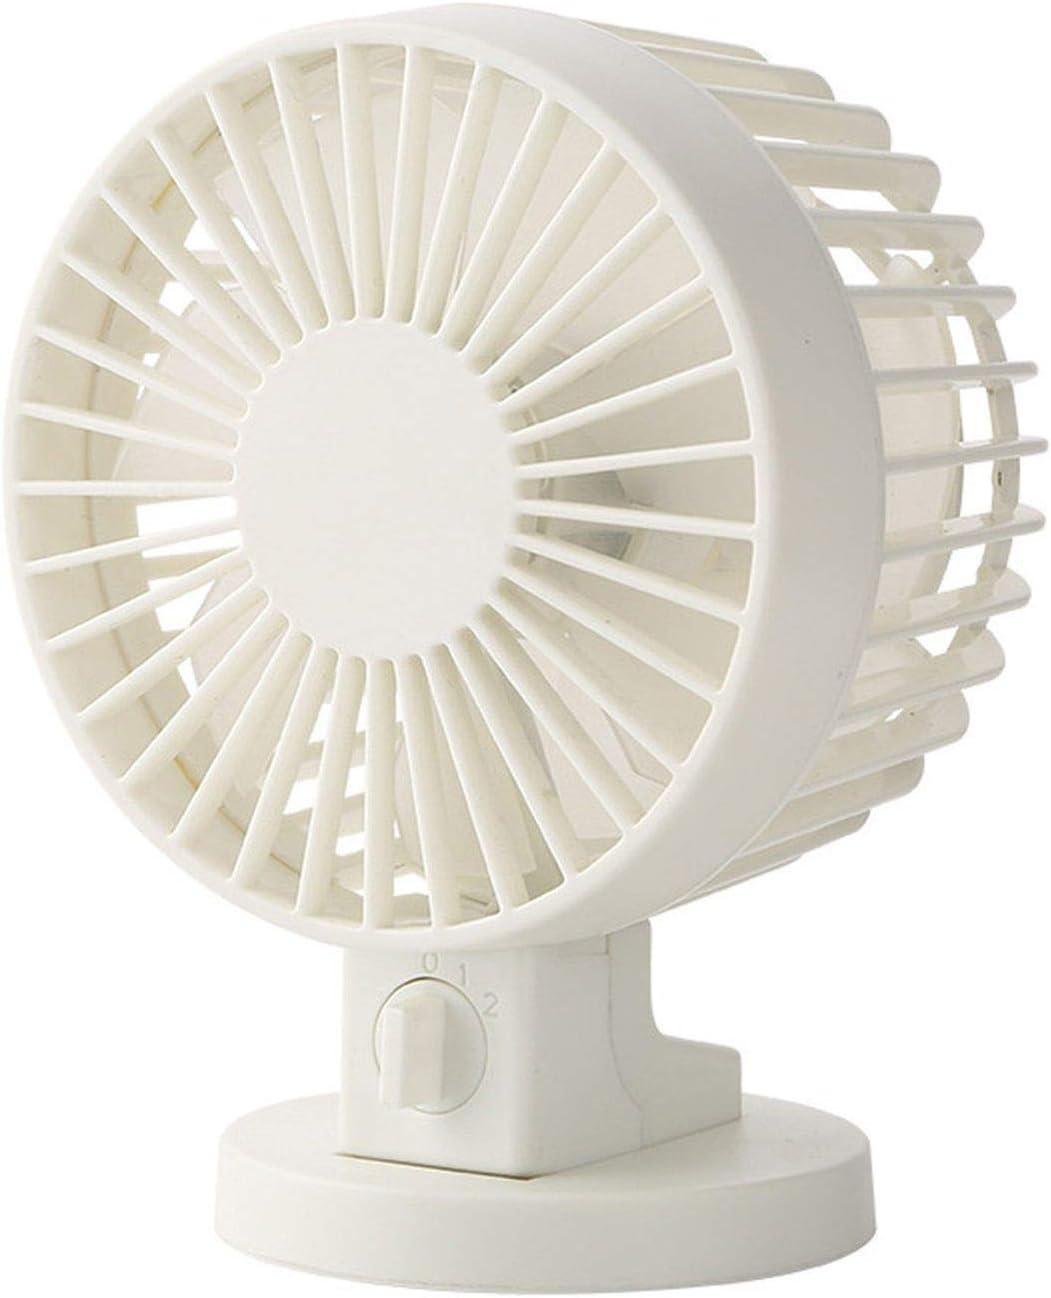 Portable Mini USB Fan Desktop Mini Fan 7 Blade Round Home Office Computer Fan USB Fan,Green